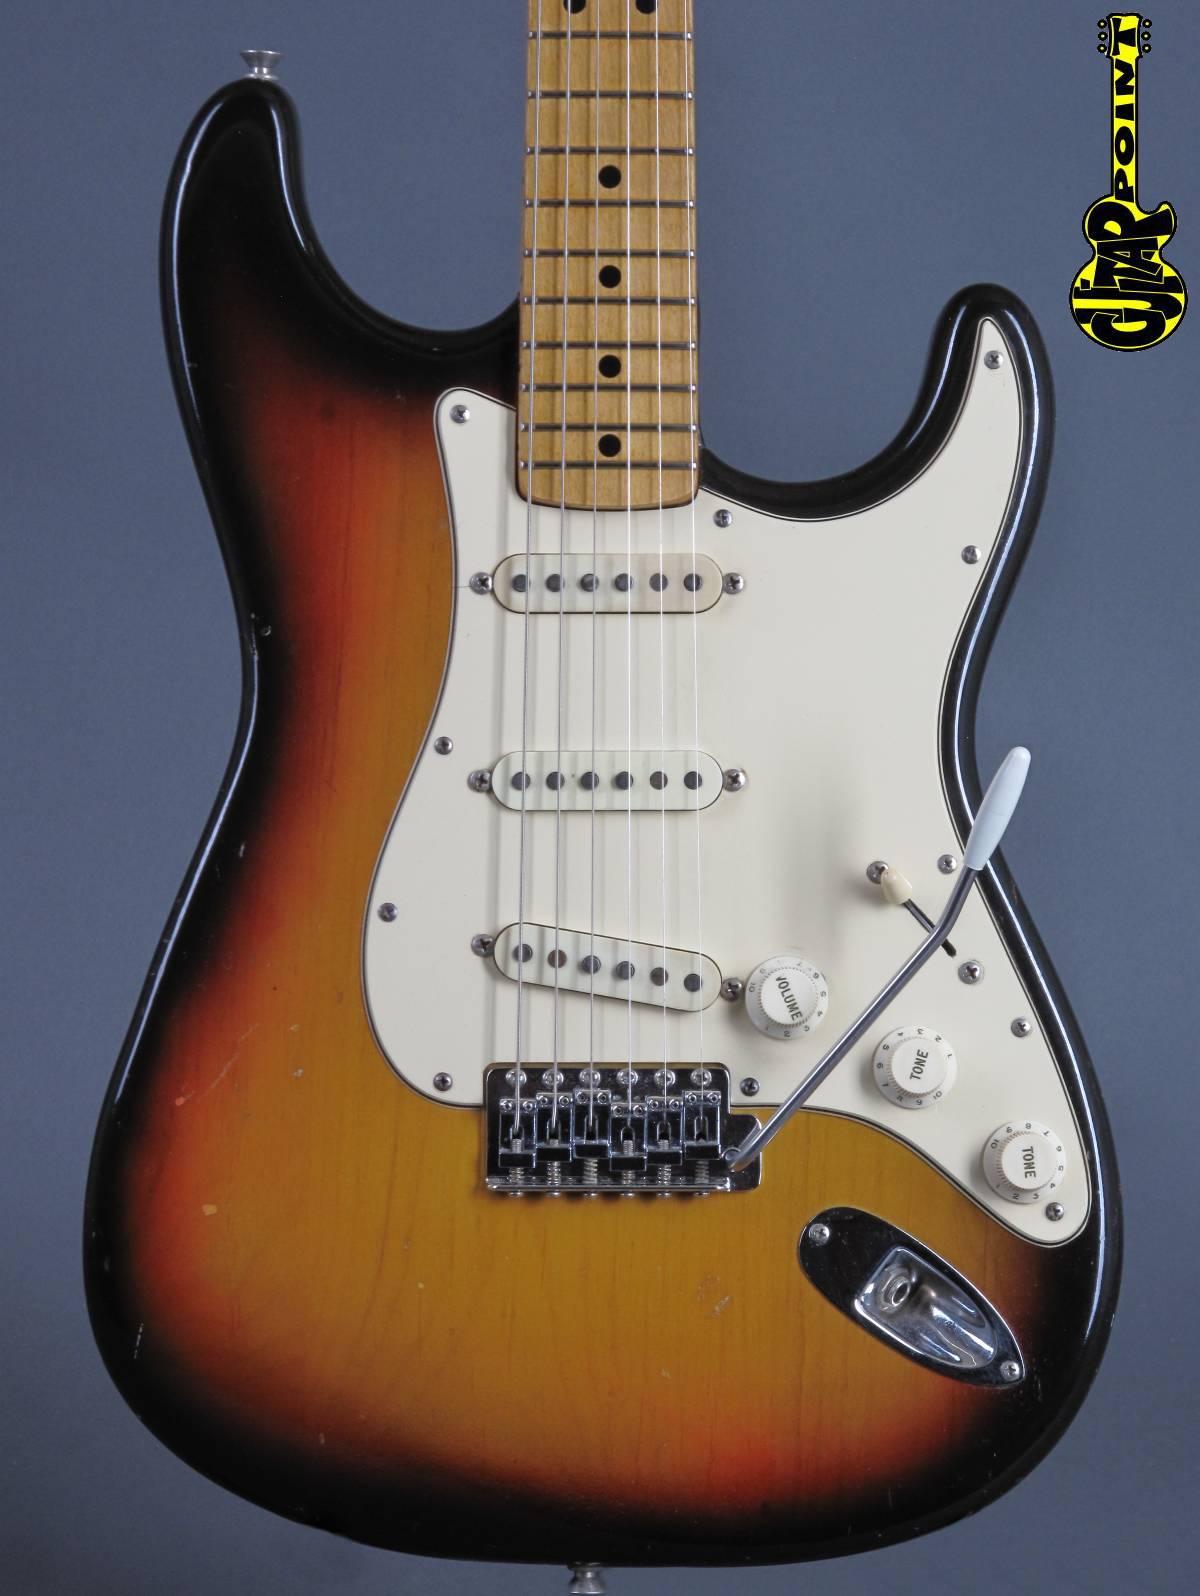 1973 Fender Stratocaster - 3t-Sunburst - lightweight = 3,2 Kg!